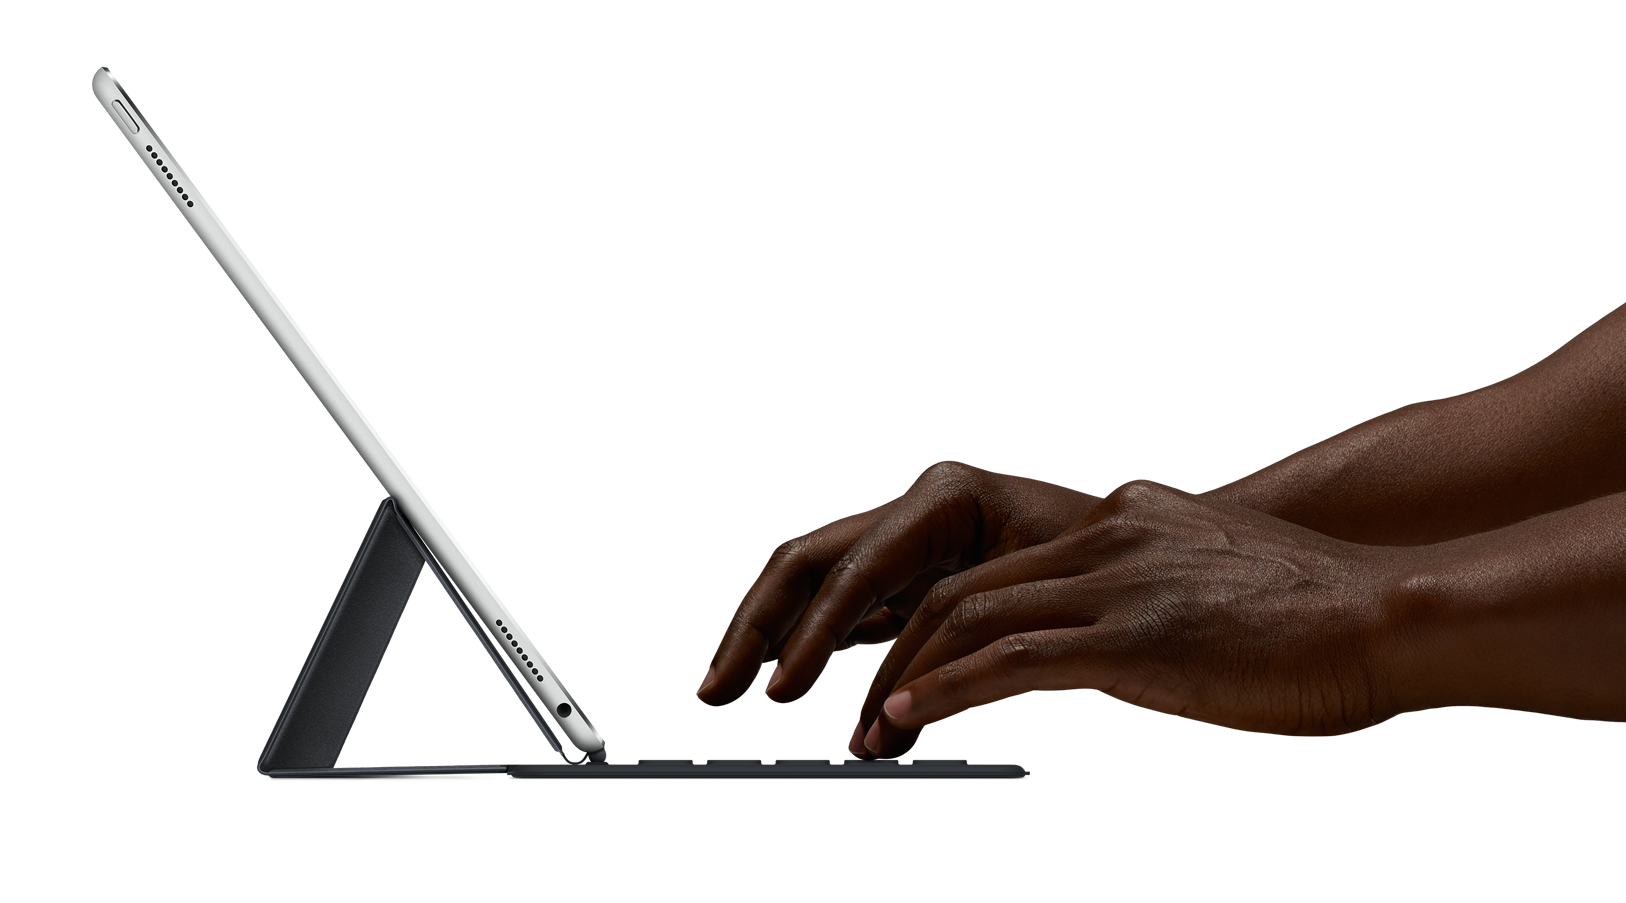 Die Tastatur ist nur 4 mm hoch und verbindet sich mit dem iPad über eine Lightning-Schnittstelle. Es gibt keine mechanische Verbindung.